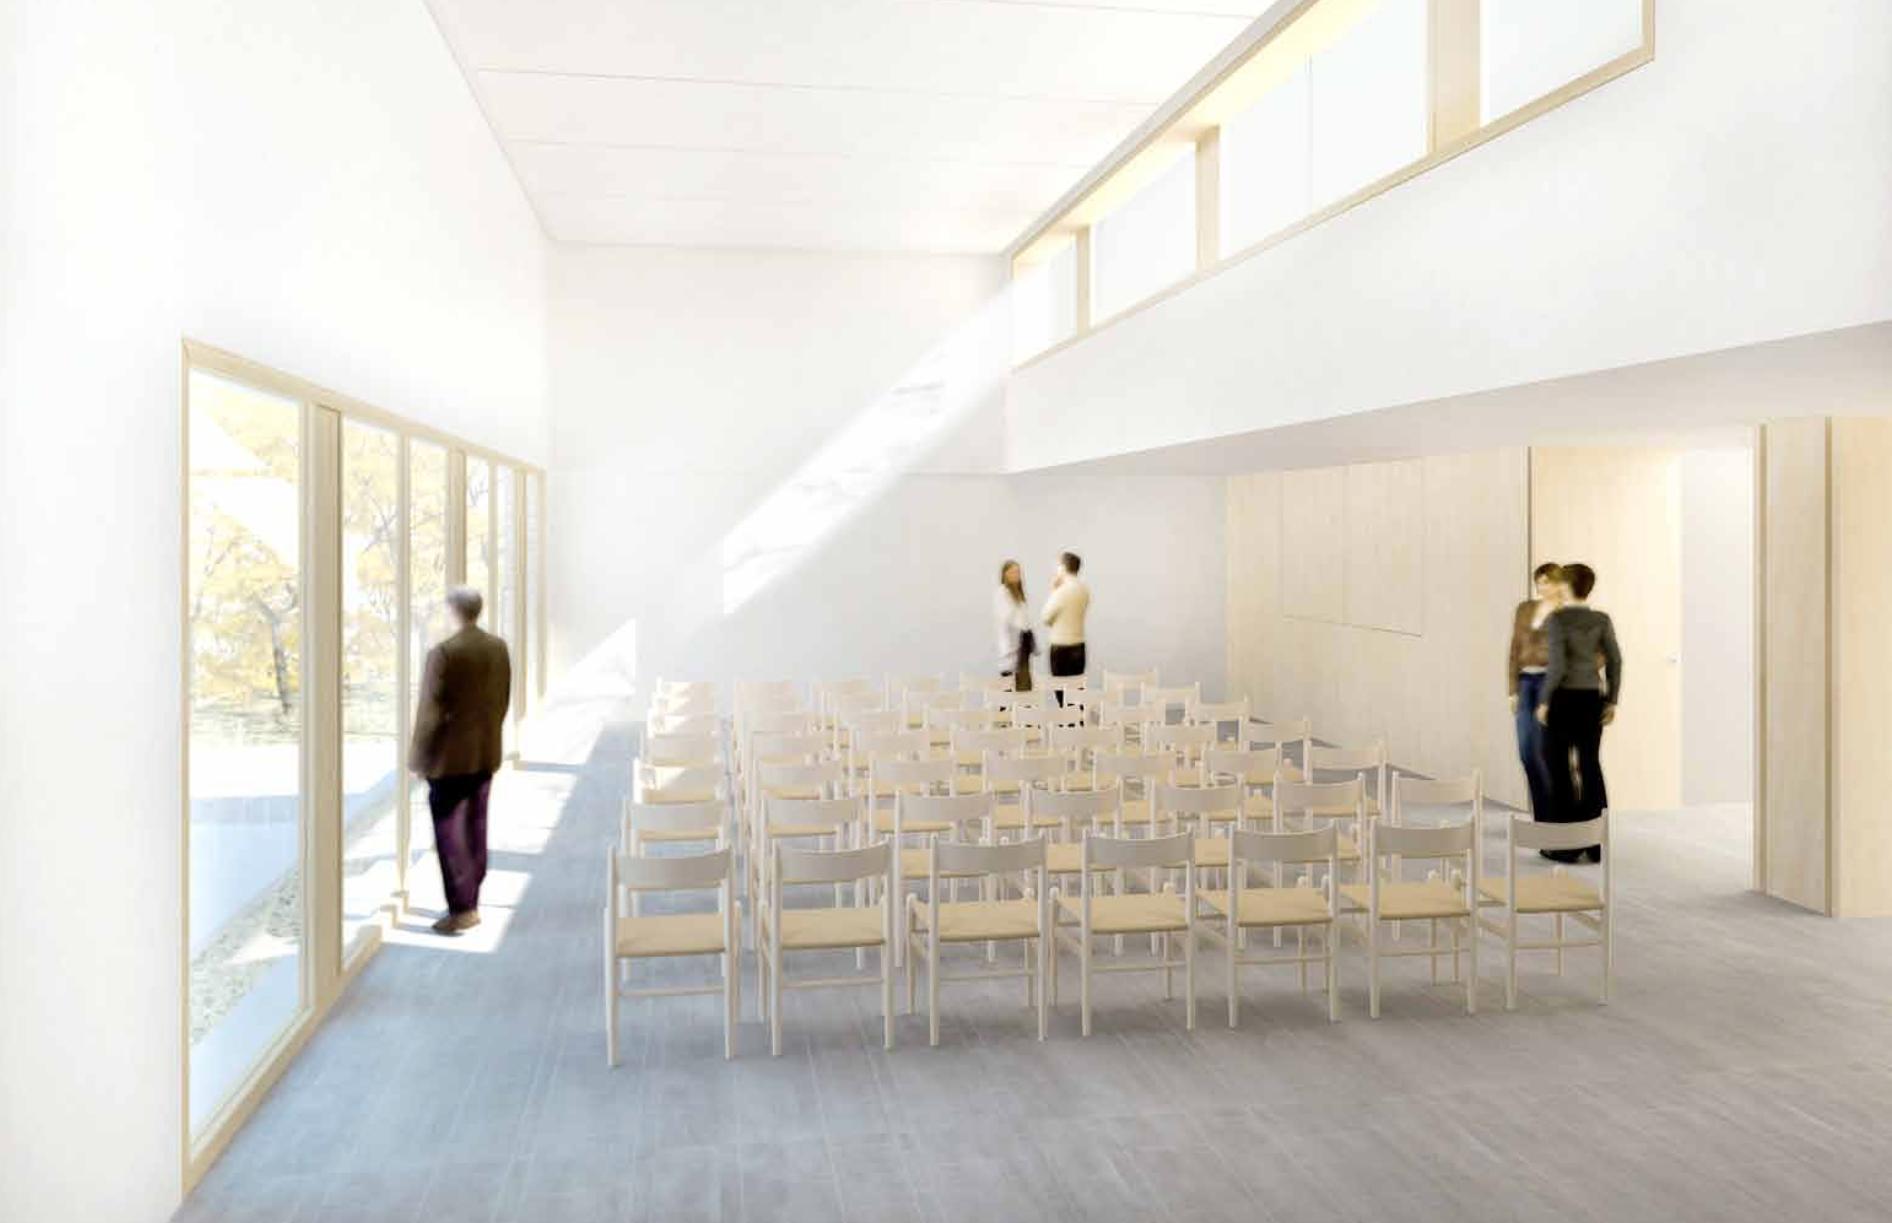 gutachterverfahren der kreuzkirchengemeinde in celle saboarchitekten. Black Bedroom Furniture Sets. Home Design Ideas